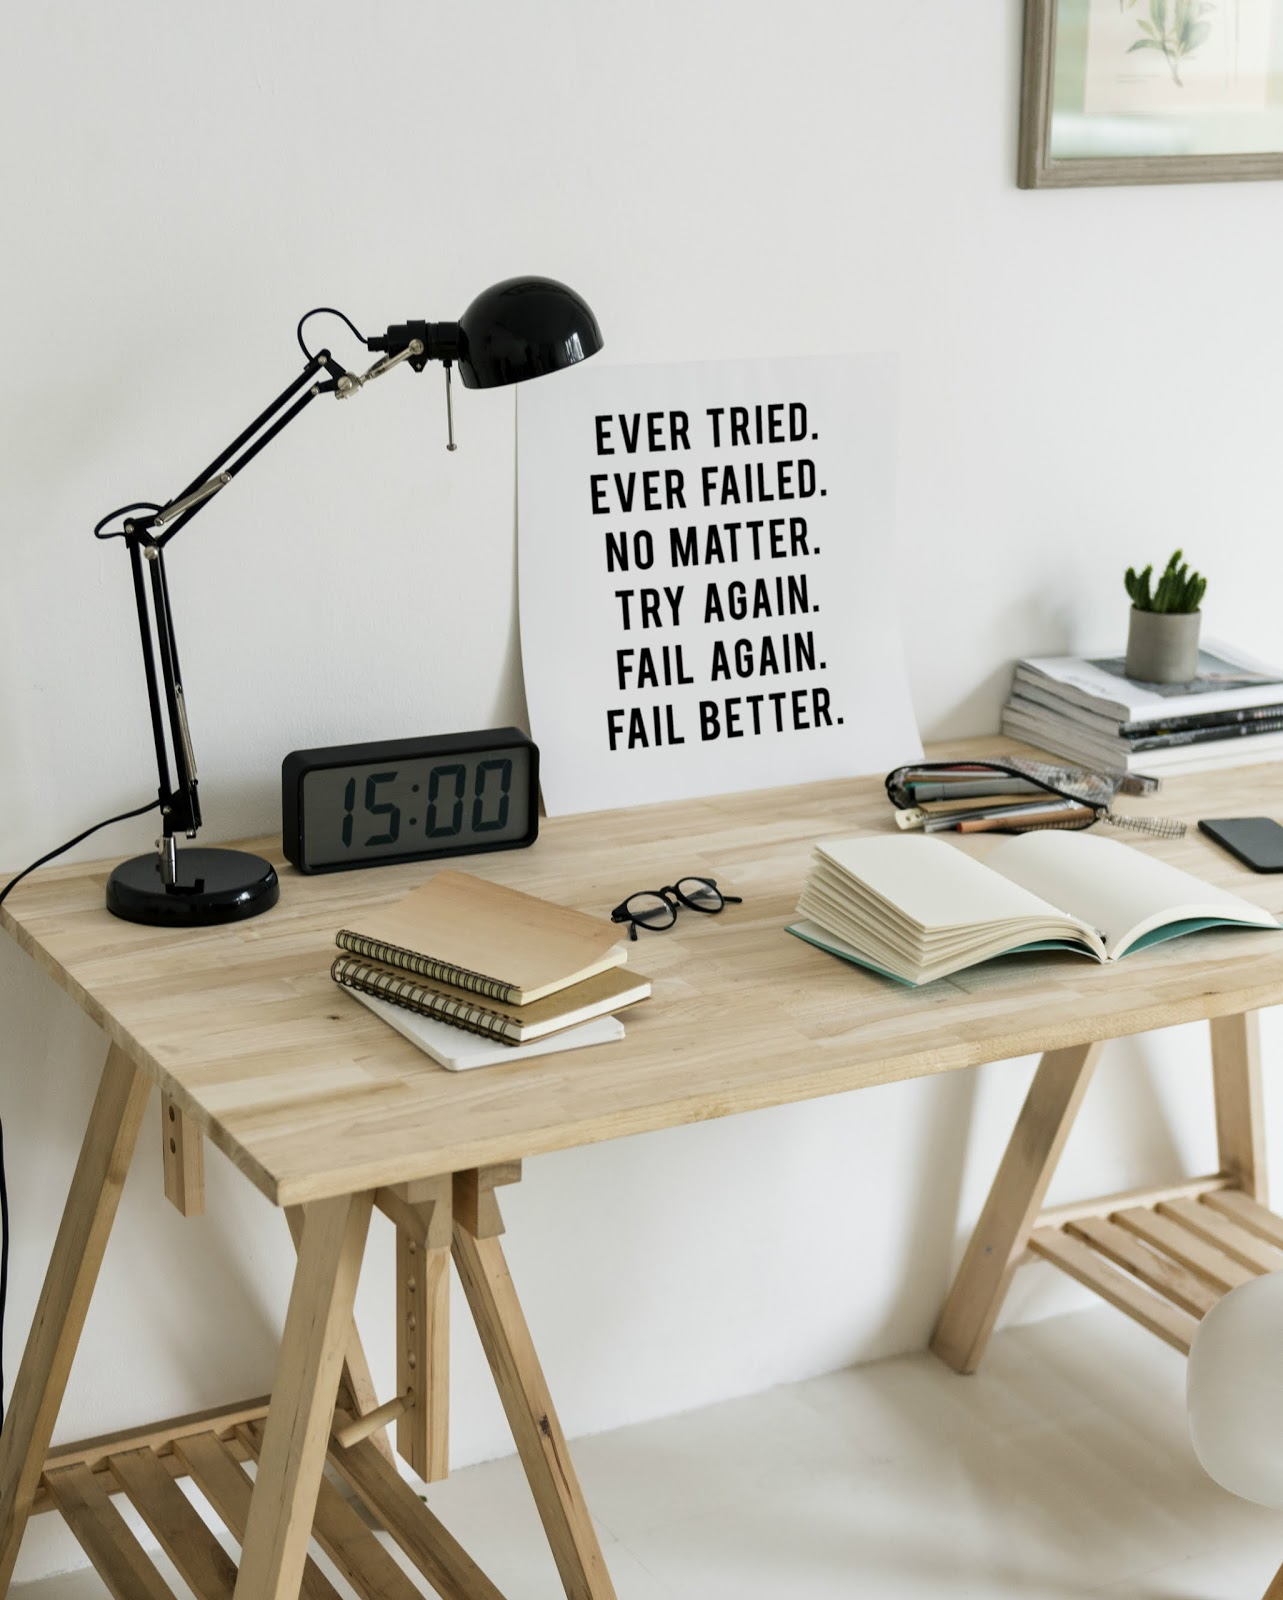 minimalizm, perfecyjny moment, idealna chwila, idealny czas, perfekcyjne wyczucie czasu, białe biurko, styl skandynawski